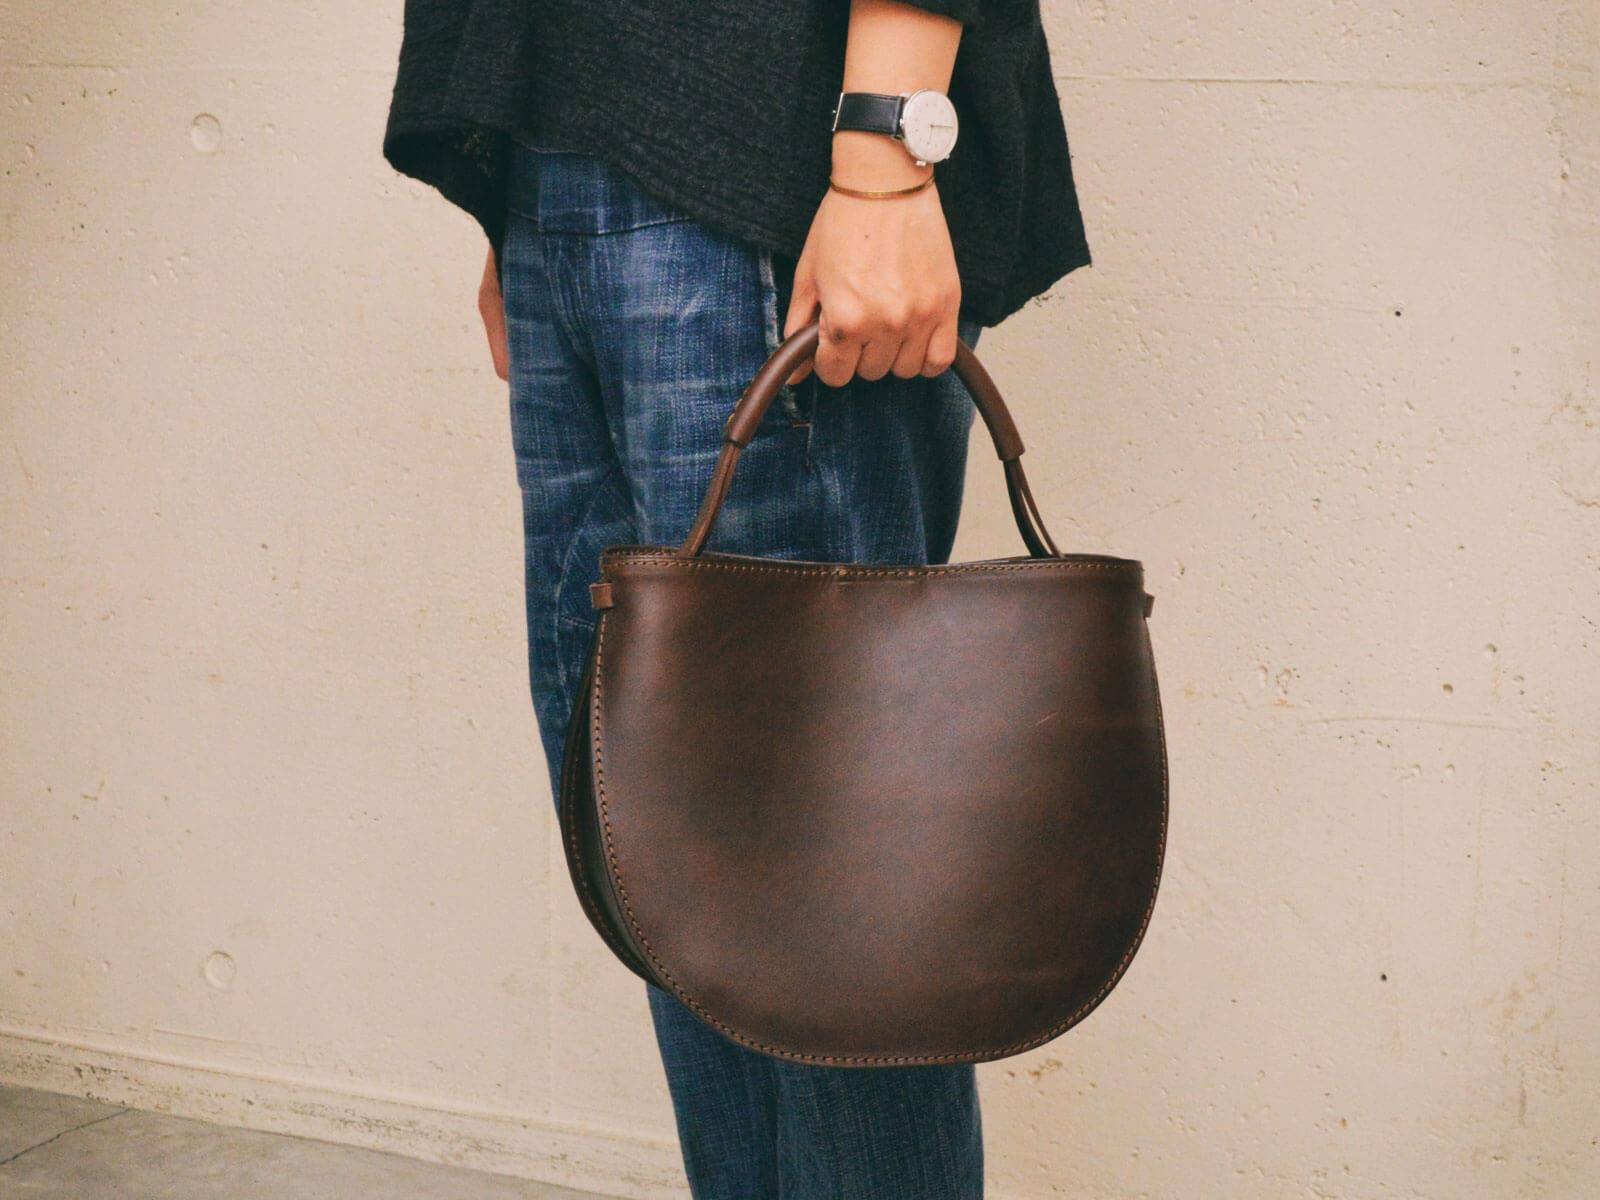 ドラマ「早子先生、結婚するって本当ですか?」にOrganトートバッグが使用されています